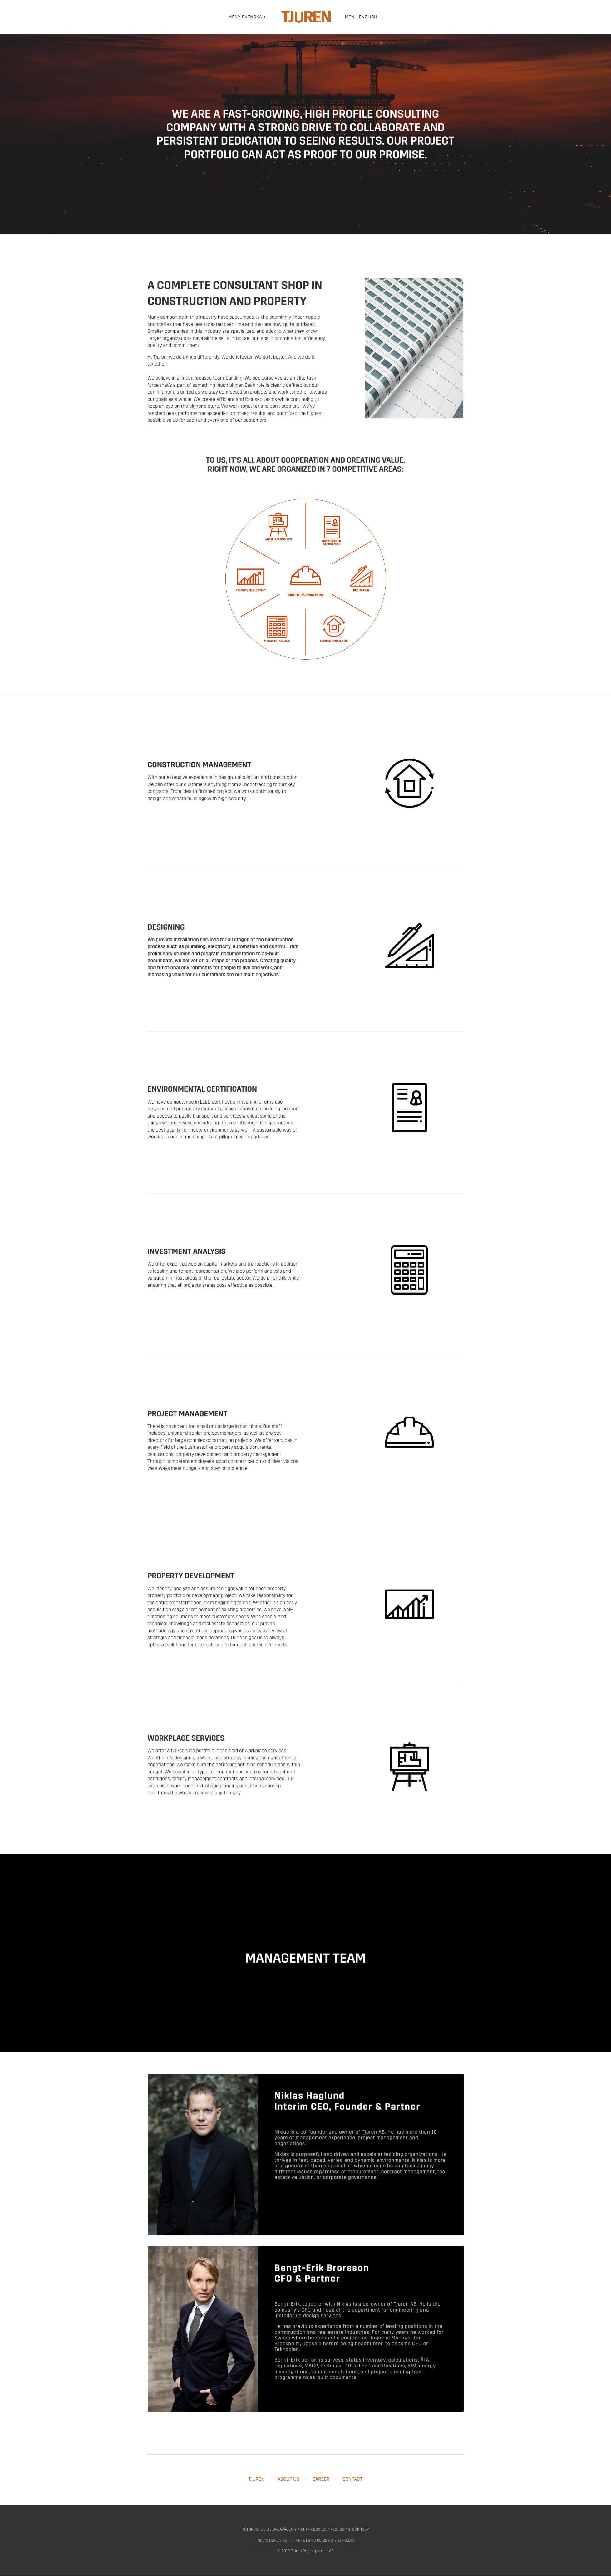 hudikkalaset's landing page